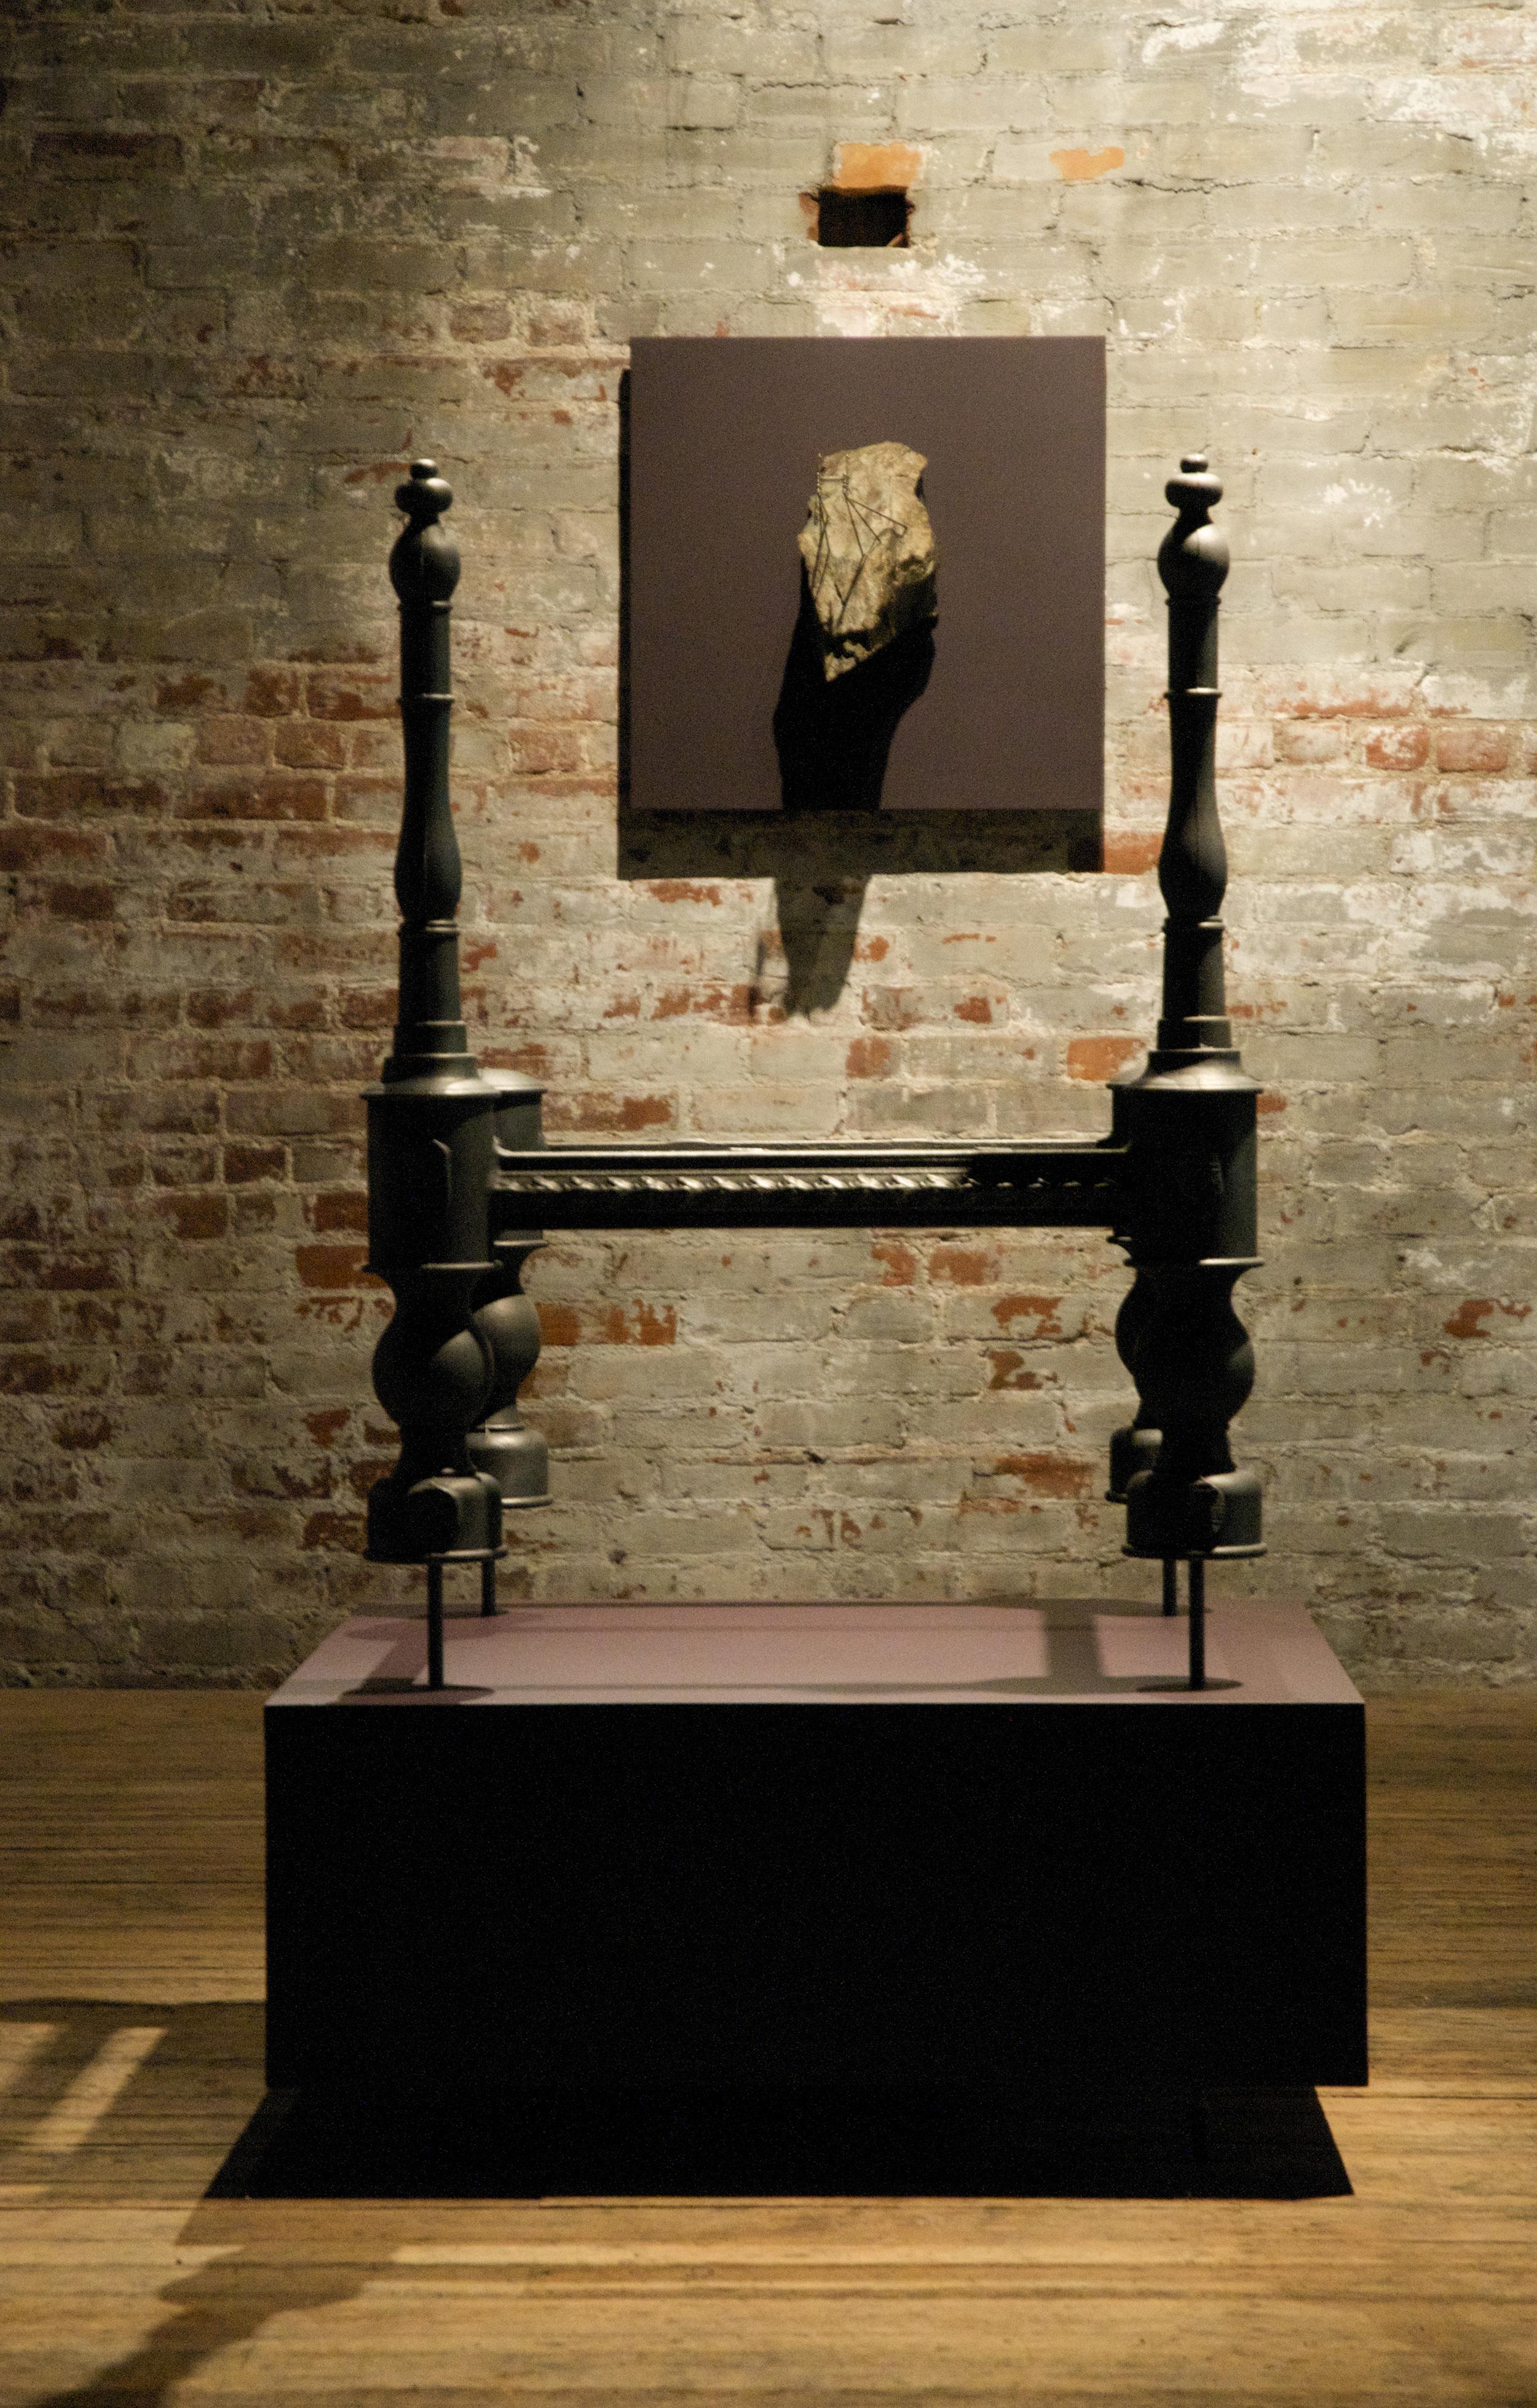 Magellan's Chair